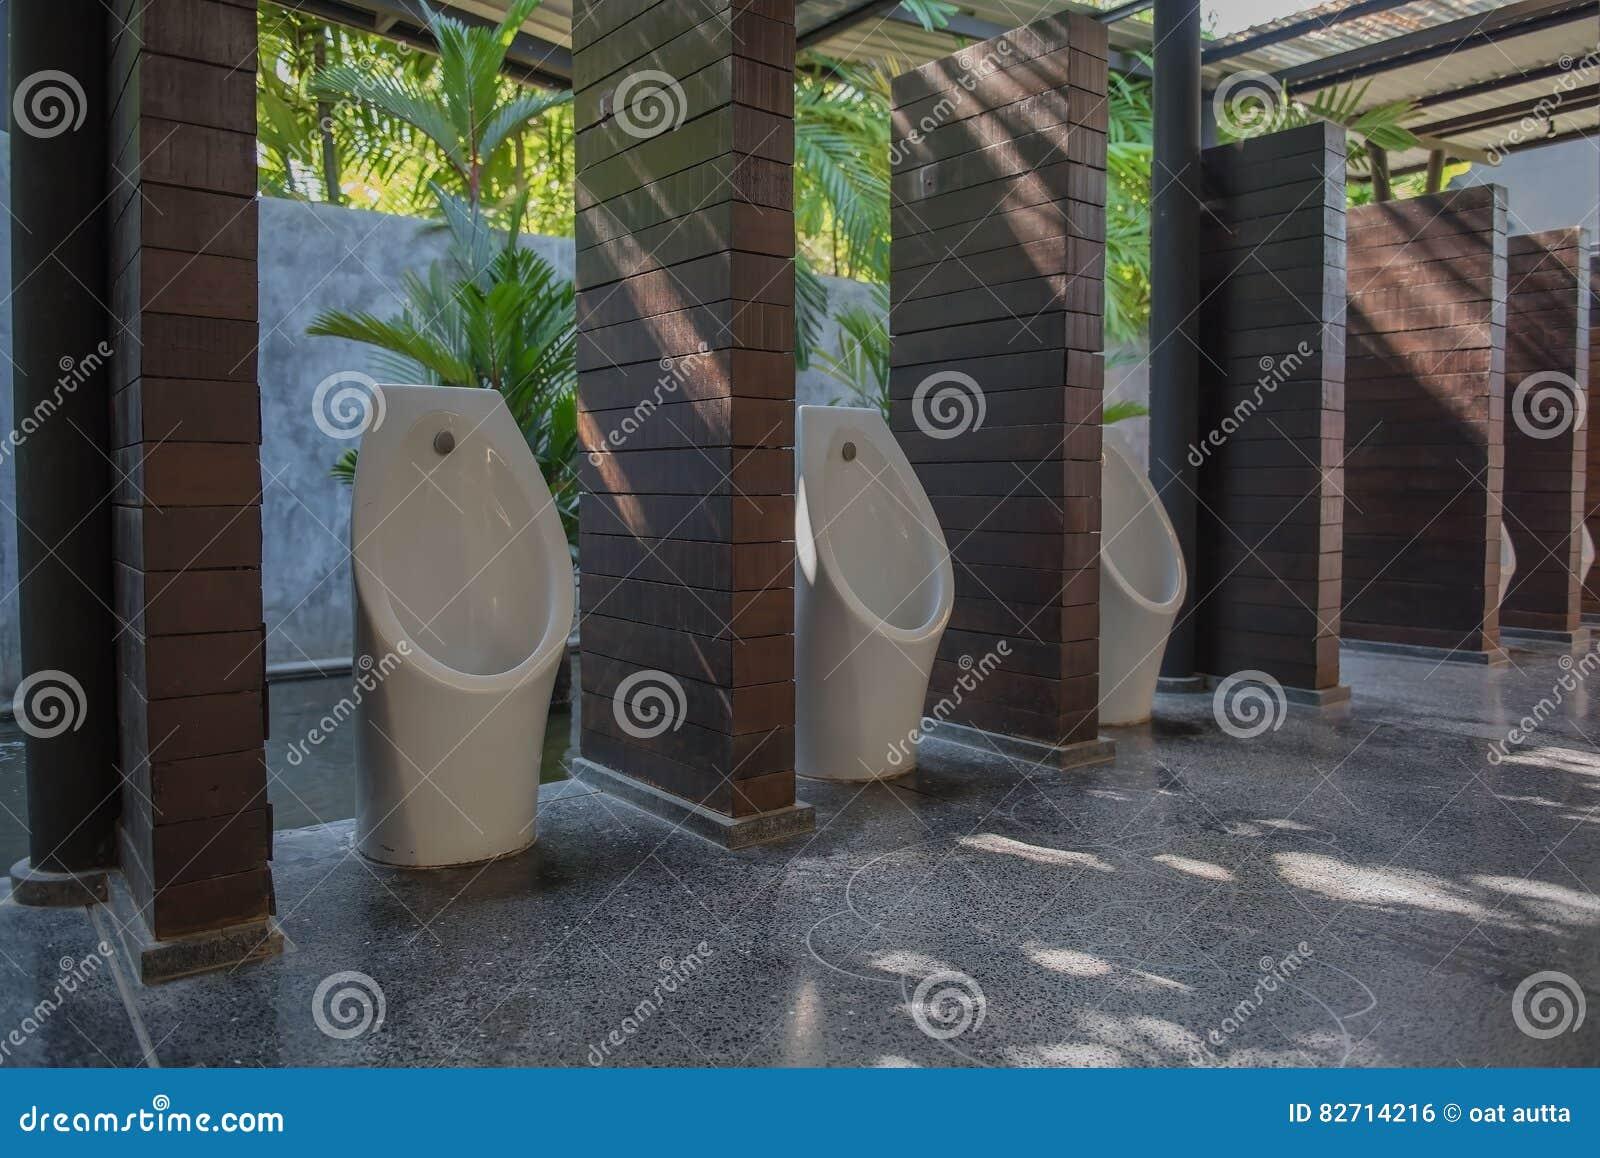 Moderne Toilette Mit Toilettenreihe Im Garten Stockfoto Bild Von